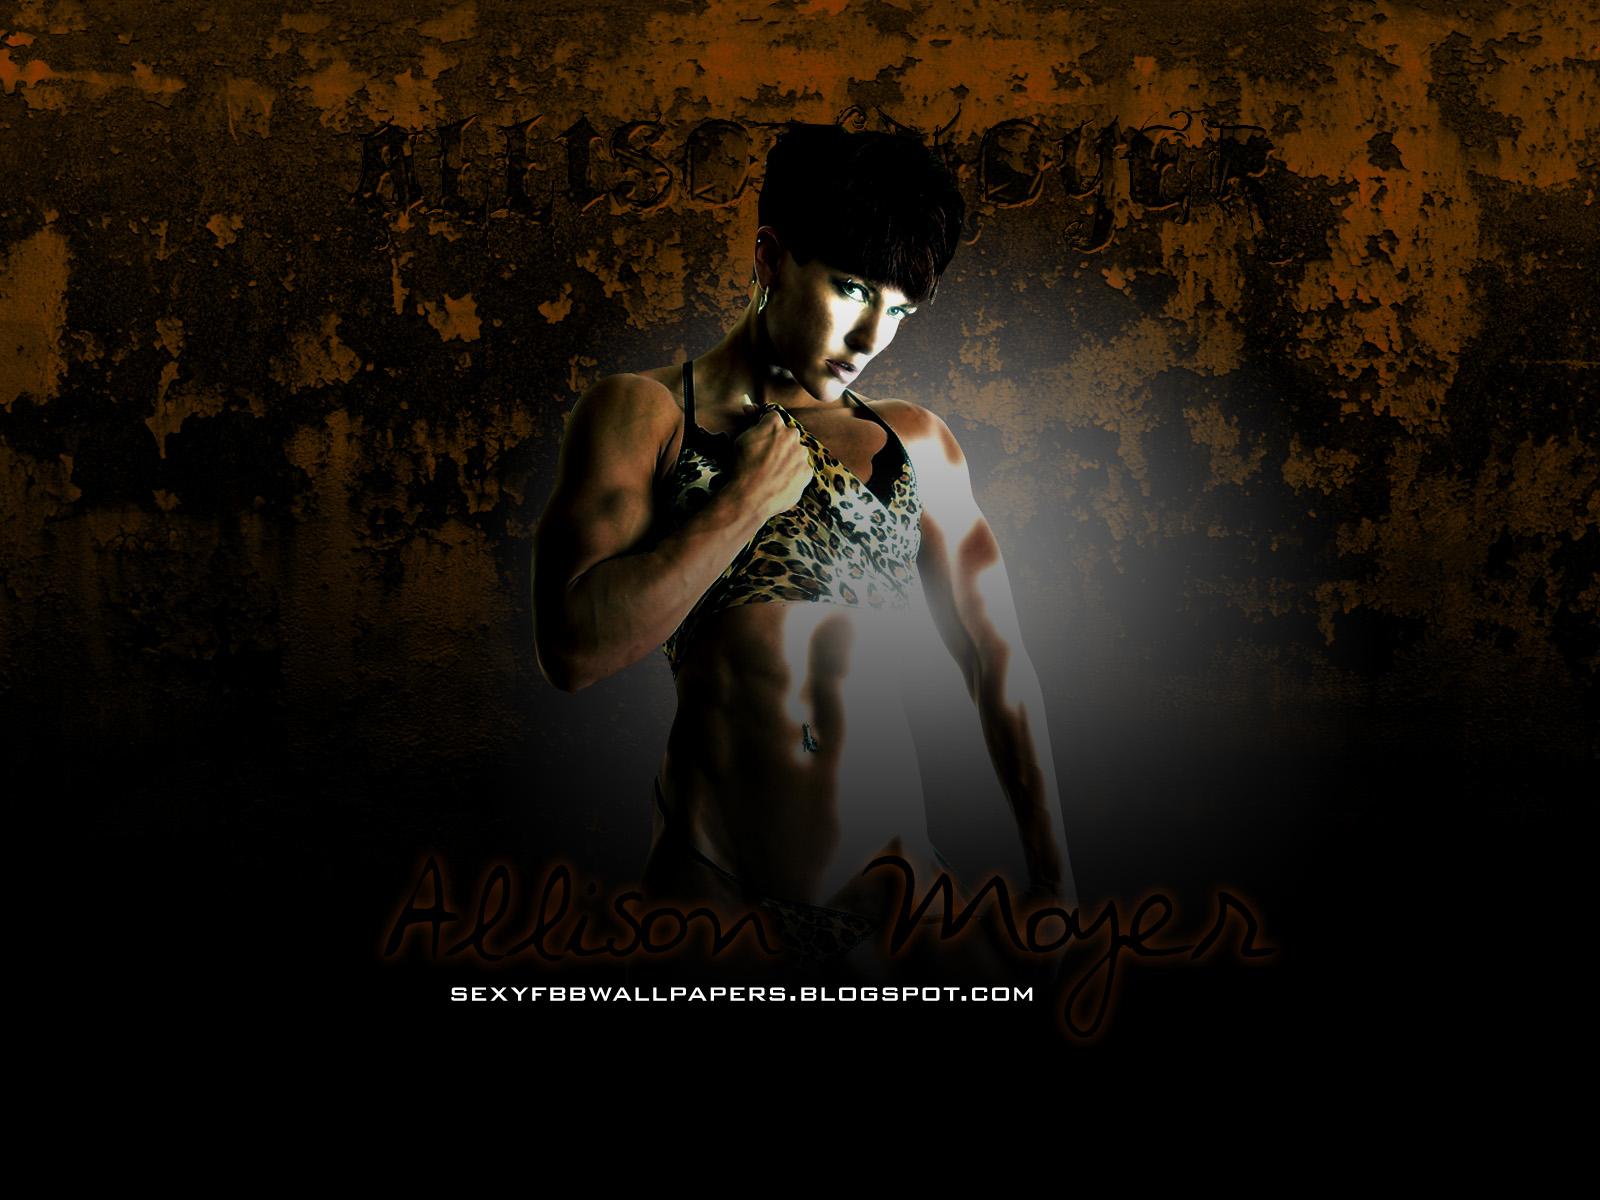 http://1.bp.blogspot.com/_s208318N2J4/TCu0H68cXzI/AAAAAAAAC20